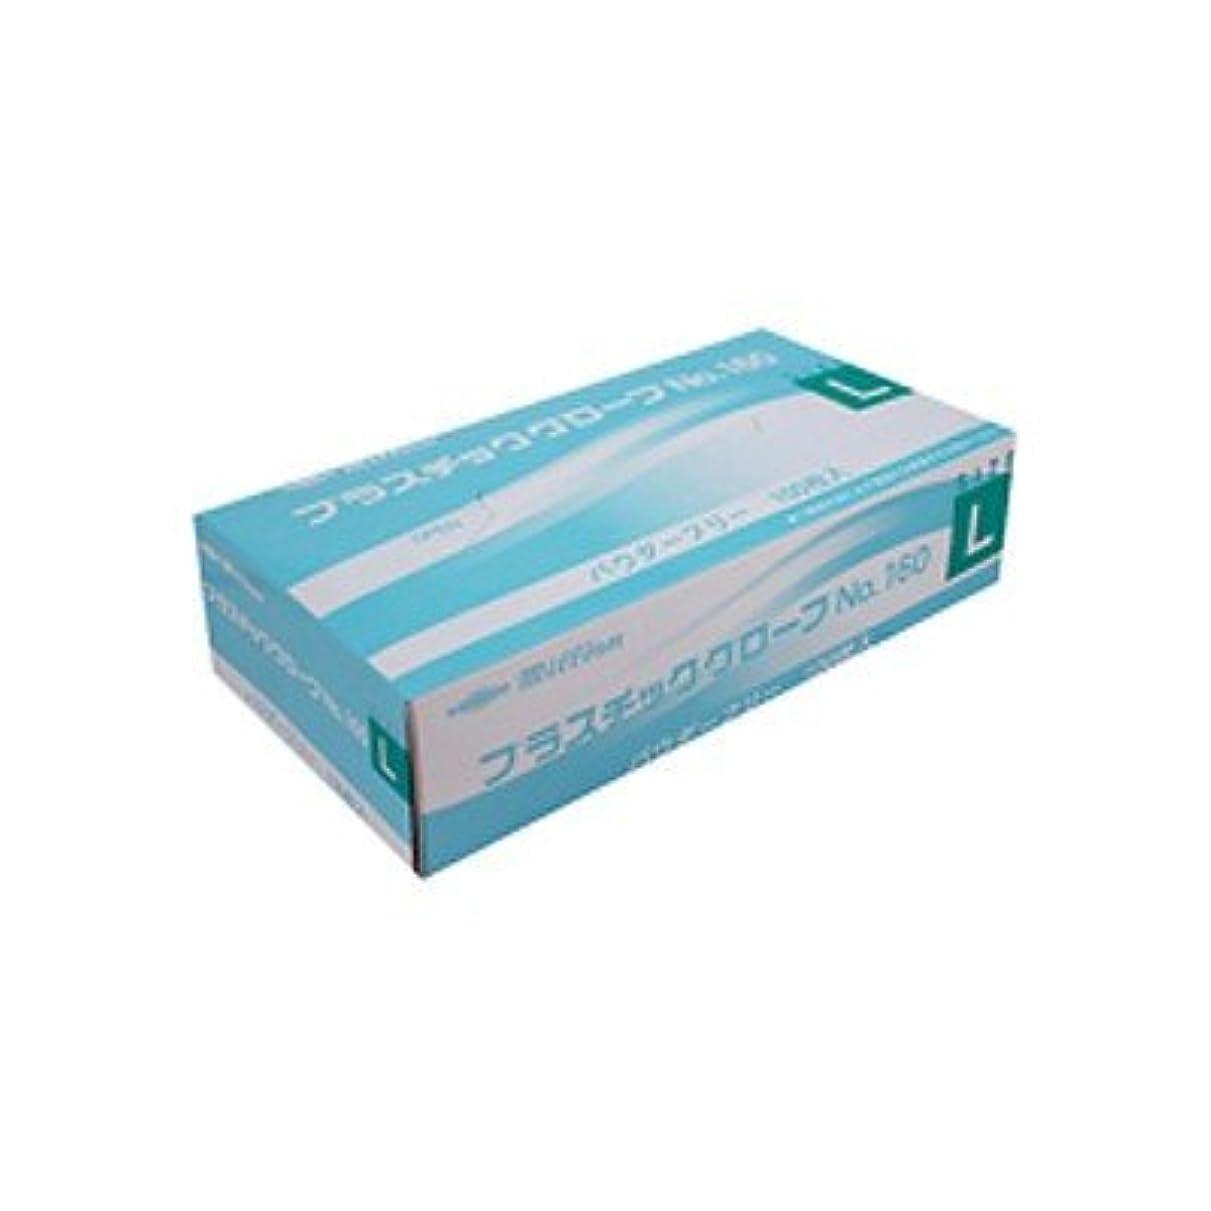 学習者ながら予想するミリオン プラスチック手袋 粉無 No.160 L 品番:LH-160-L 注文番号:62741590 メーカー:共和